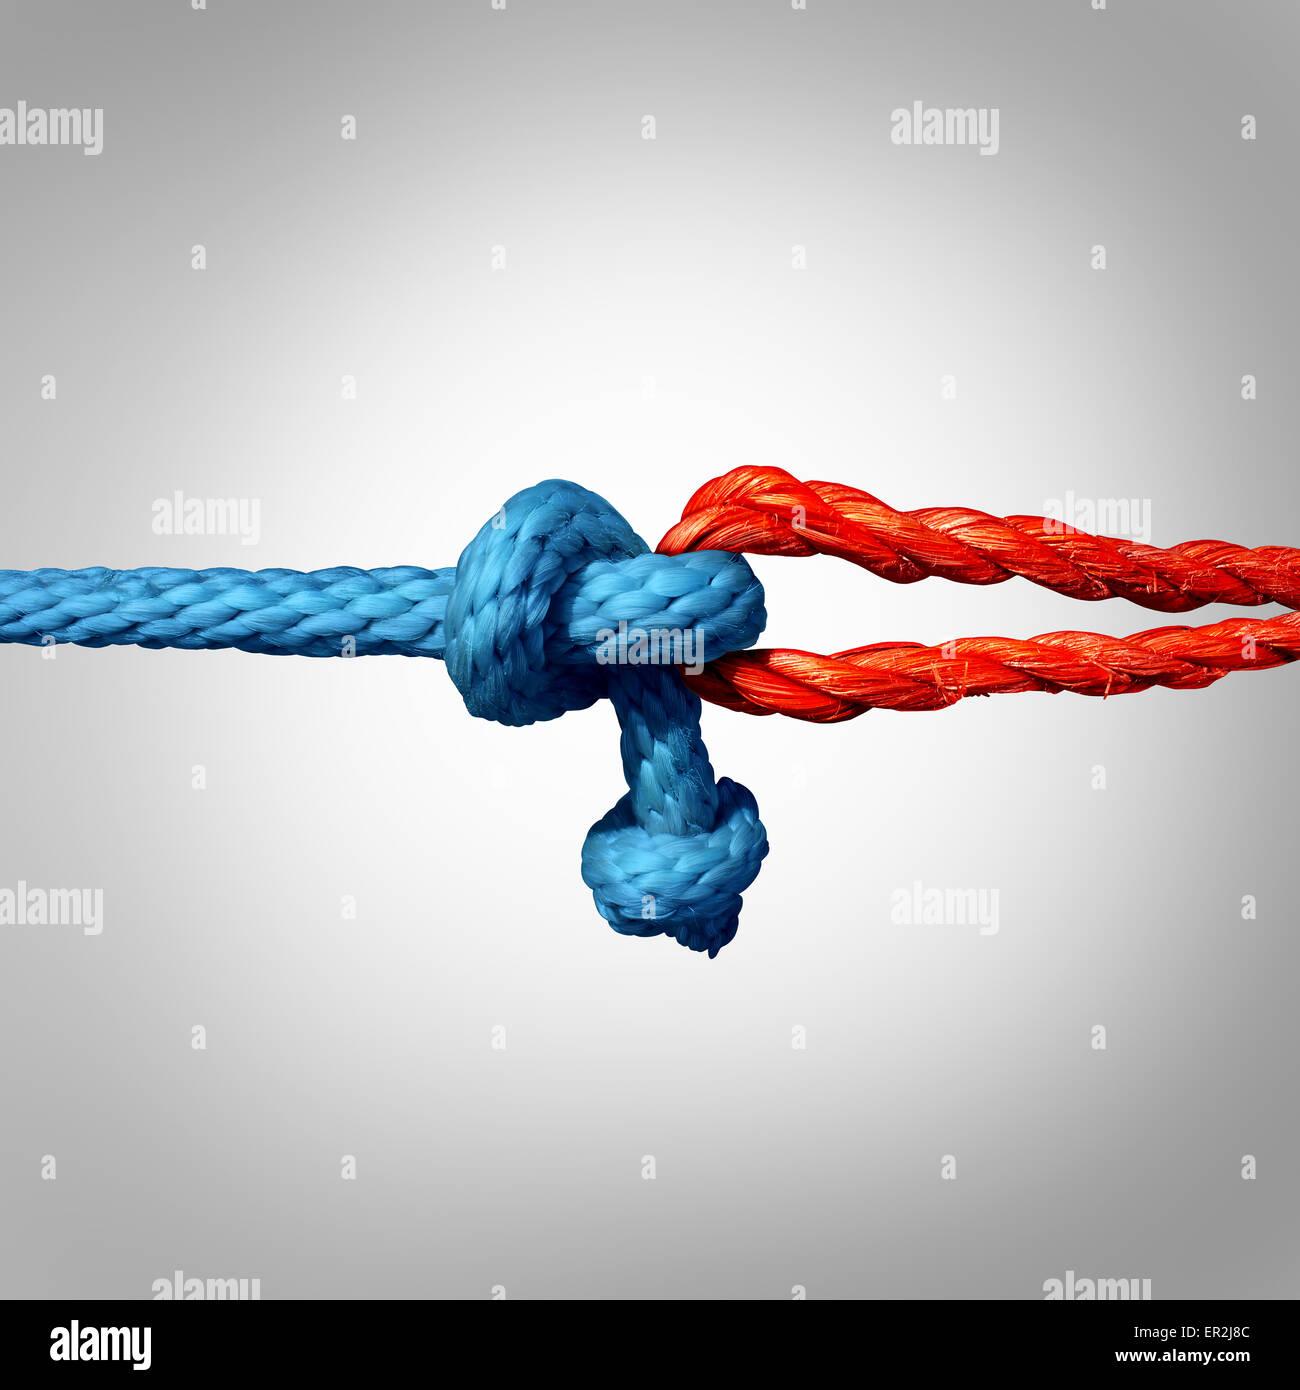 Verbundene Konzept als zwei verschiedene Seile gebunden und miteinander als eine unzerbrechliche Kette als Metapher Stockbild